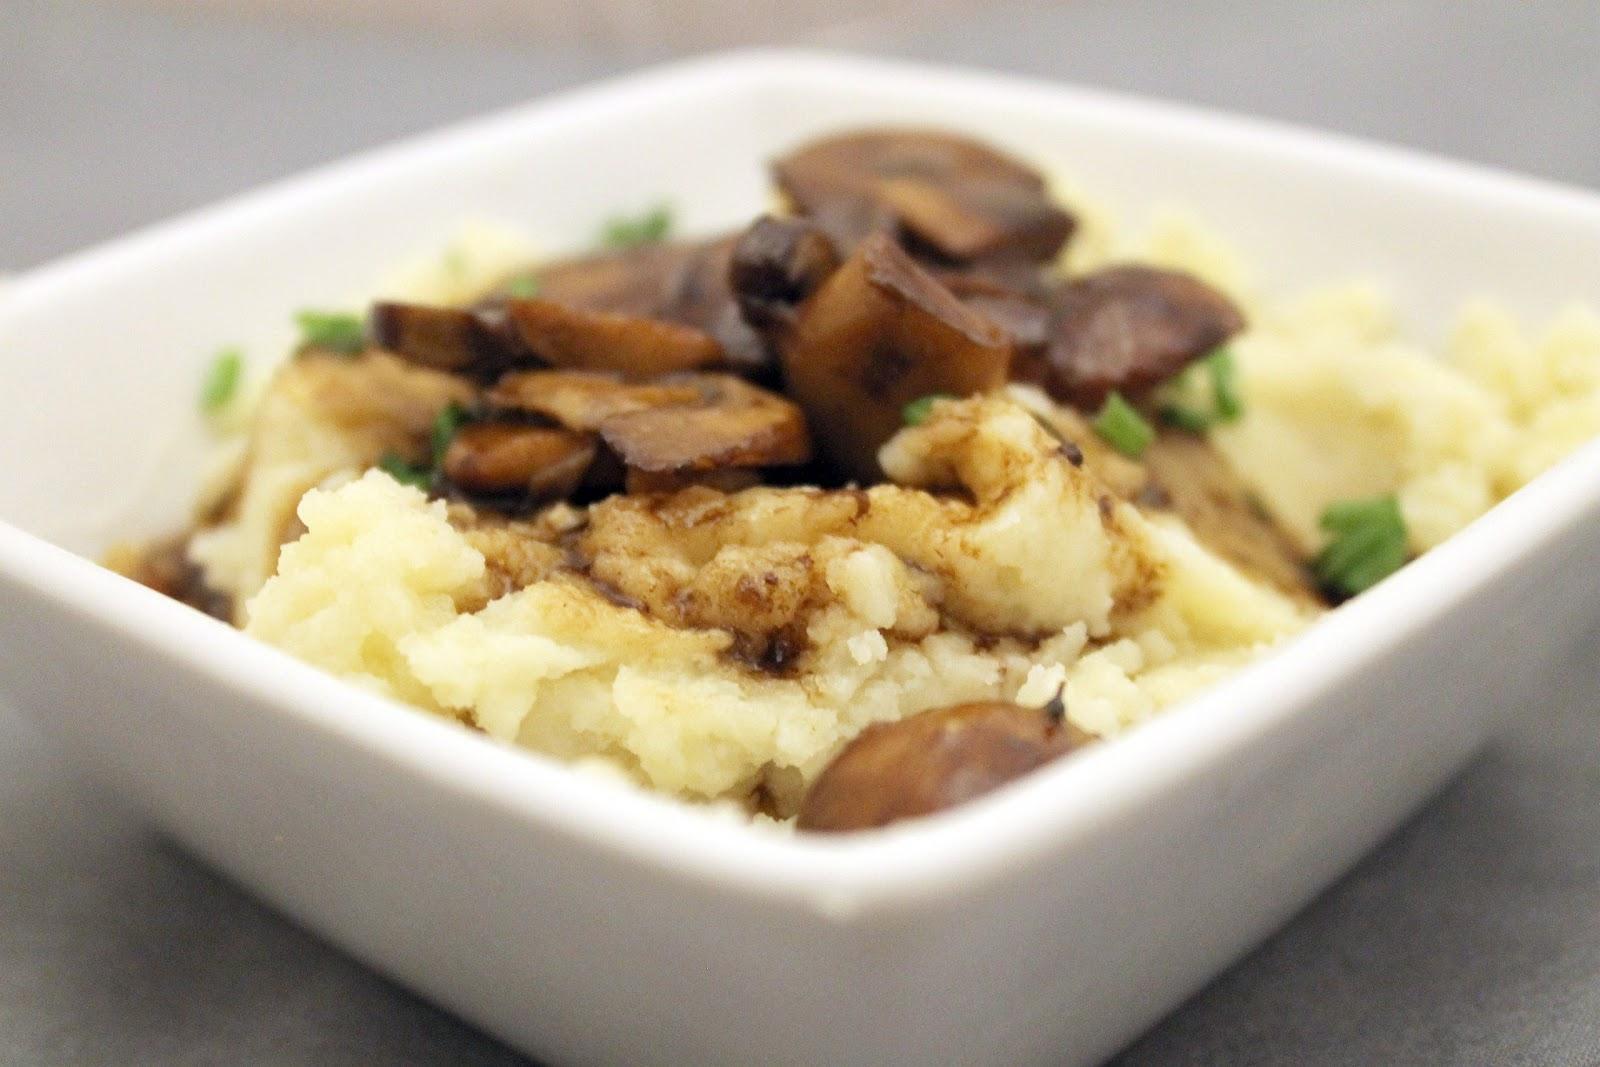 Mashed Potatoes Bowl Bowl of Mashed Potatoes on